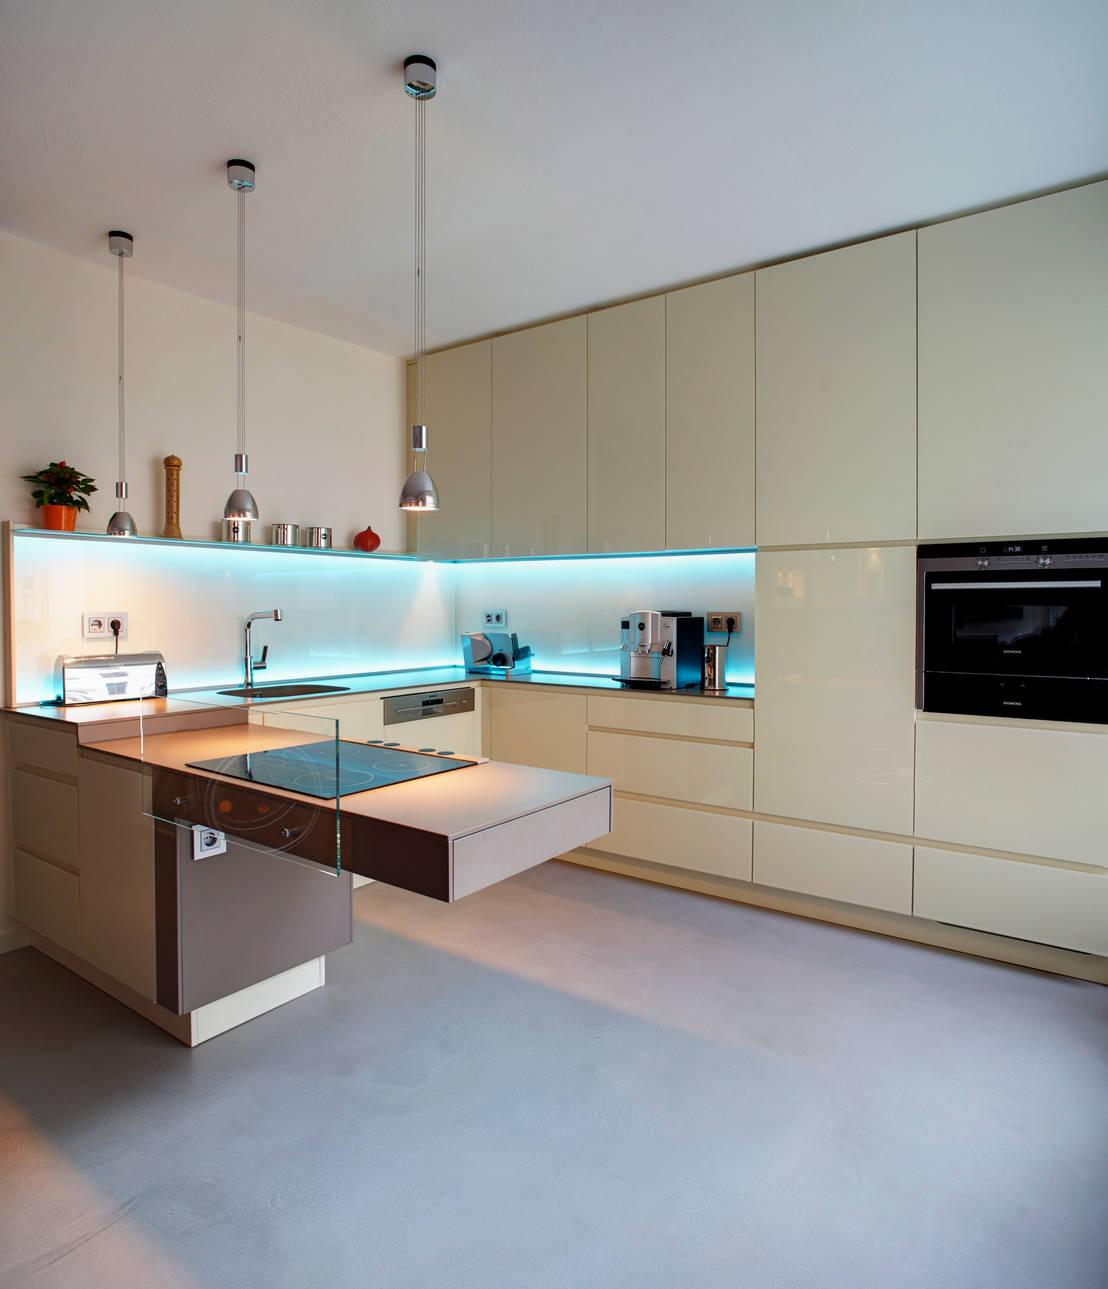 designer k che dortmund von raumgesp r innenarchitektur. Black Bedroom Furniture Sets. Home Design Ideas